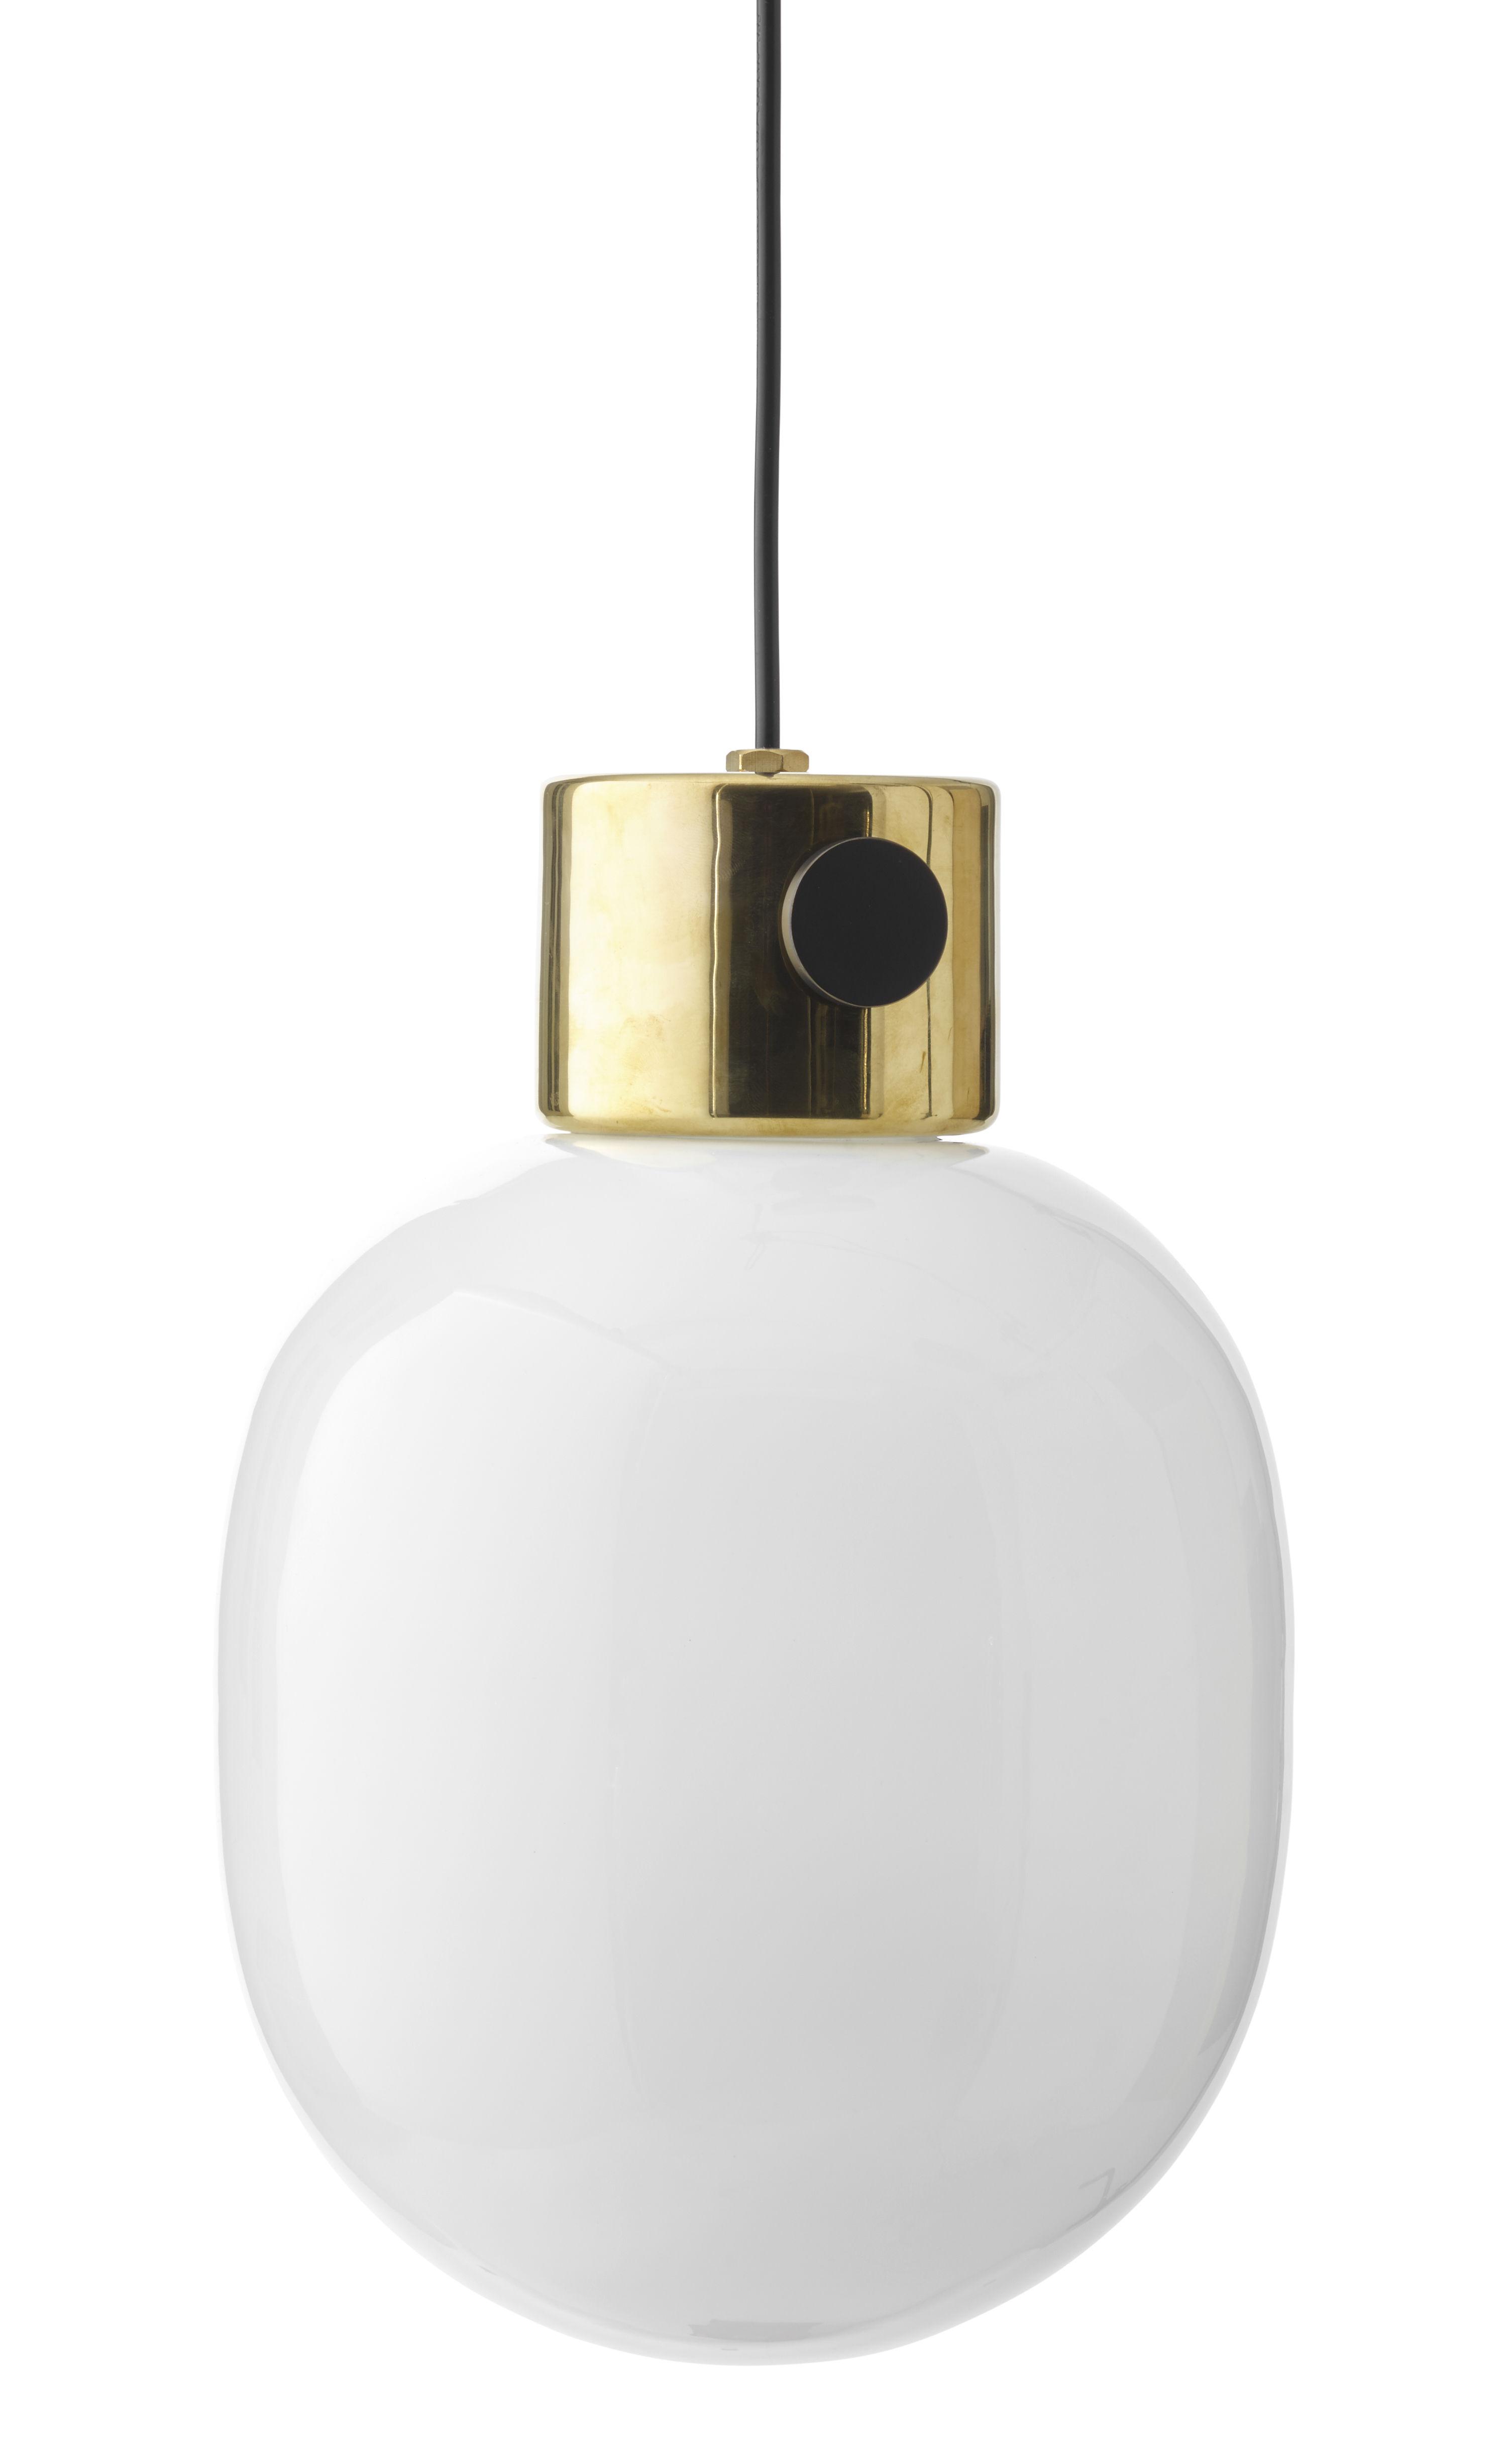 Illuminazione - Lampadari - Sospensione JWDA / Variatore sul paralume - Vetro soffiato - Menu - Ottone lucidato / Bianco - Ottone lucido, Vetro opalino